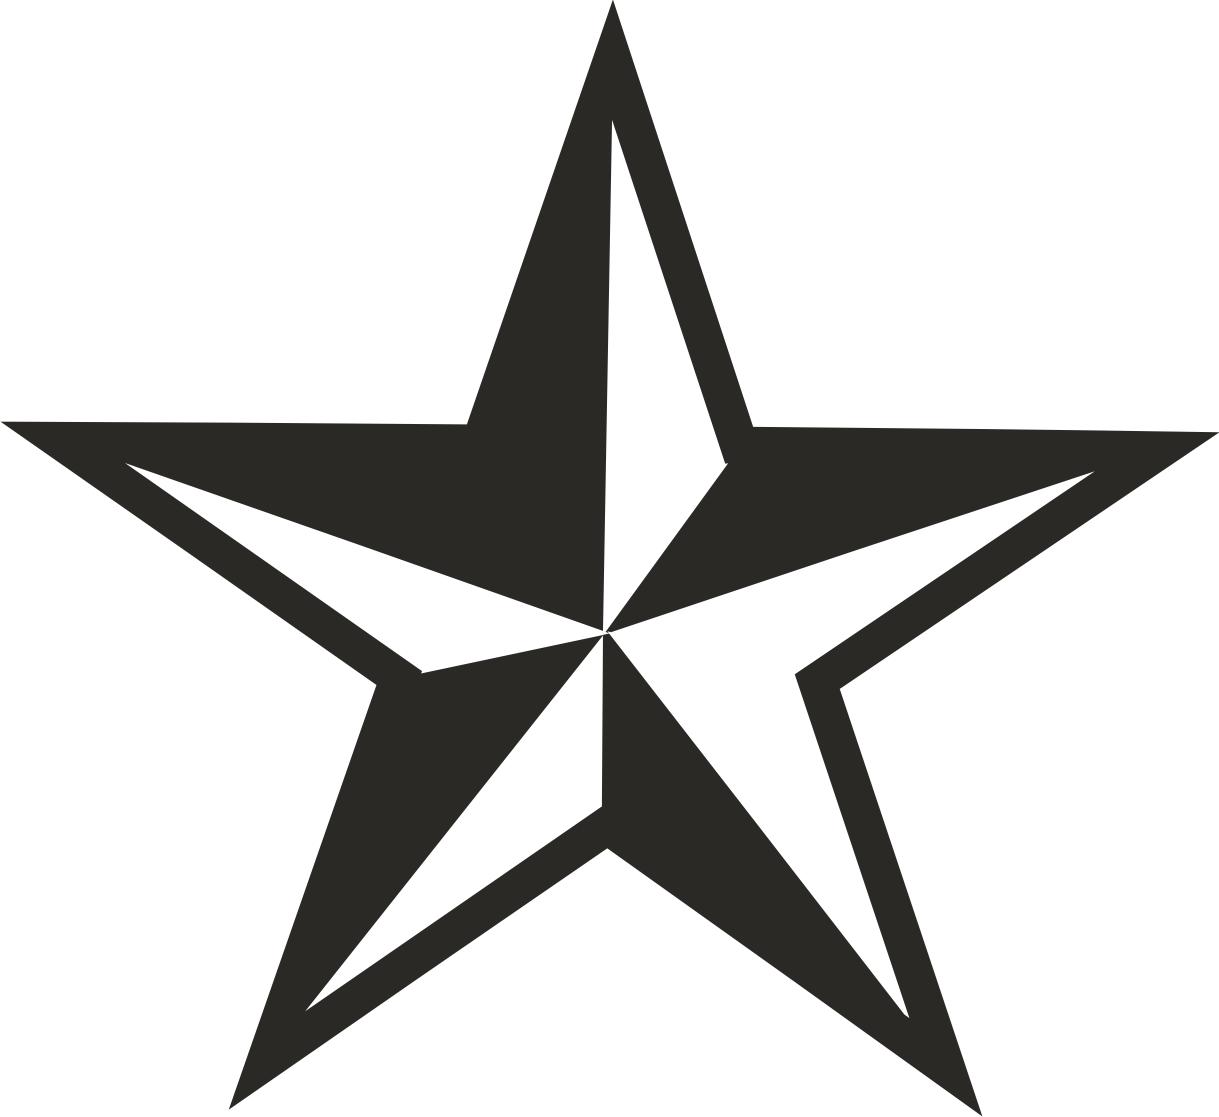 5 Point Star - ClipArt Best (1219 x 1117 Pixel)